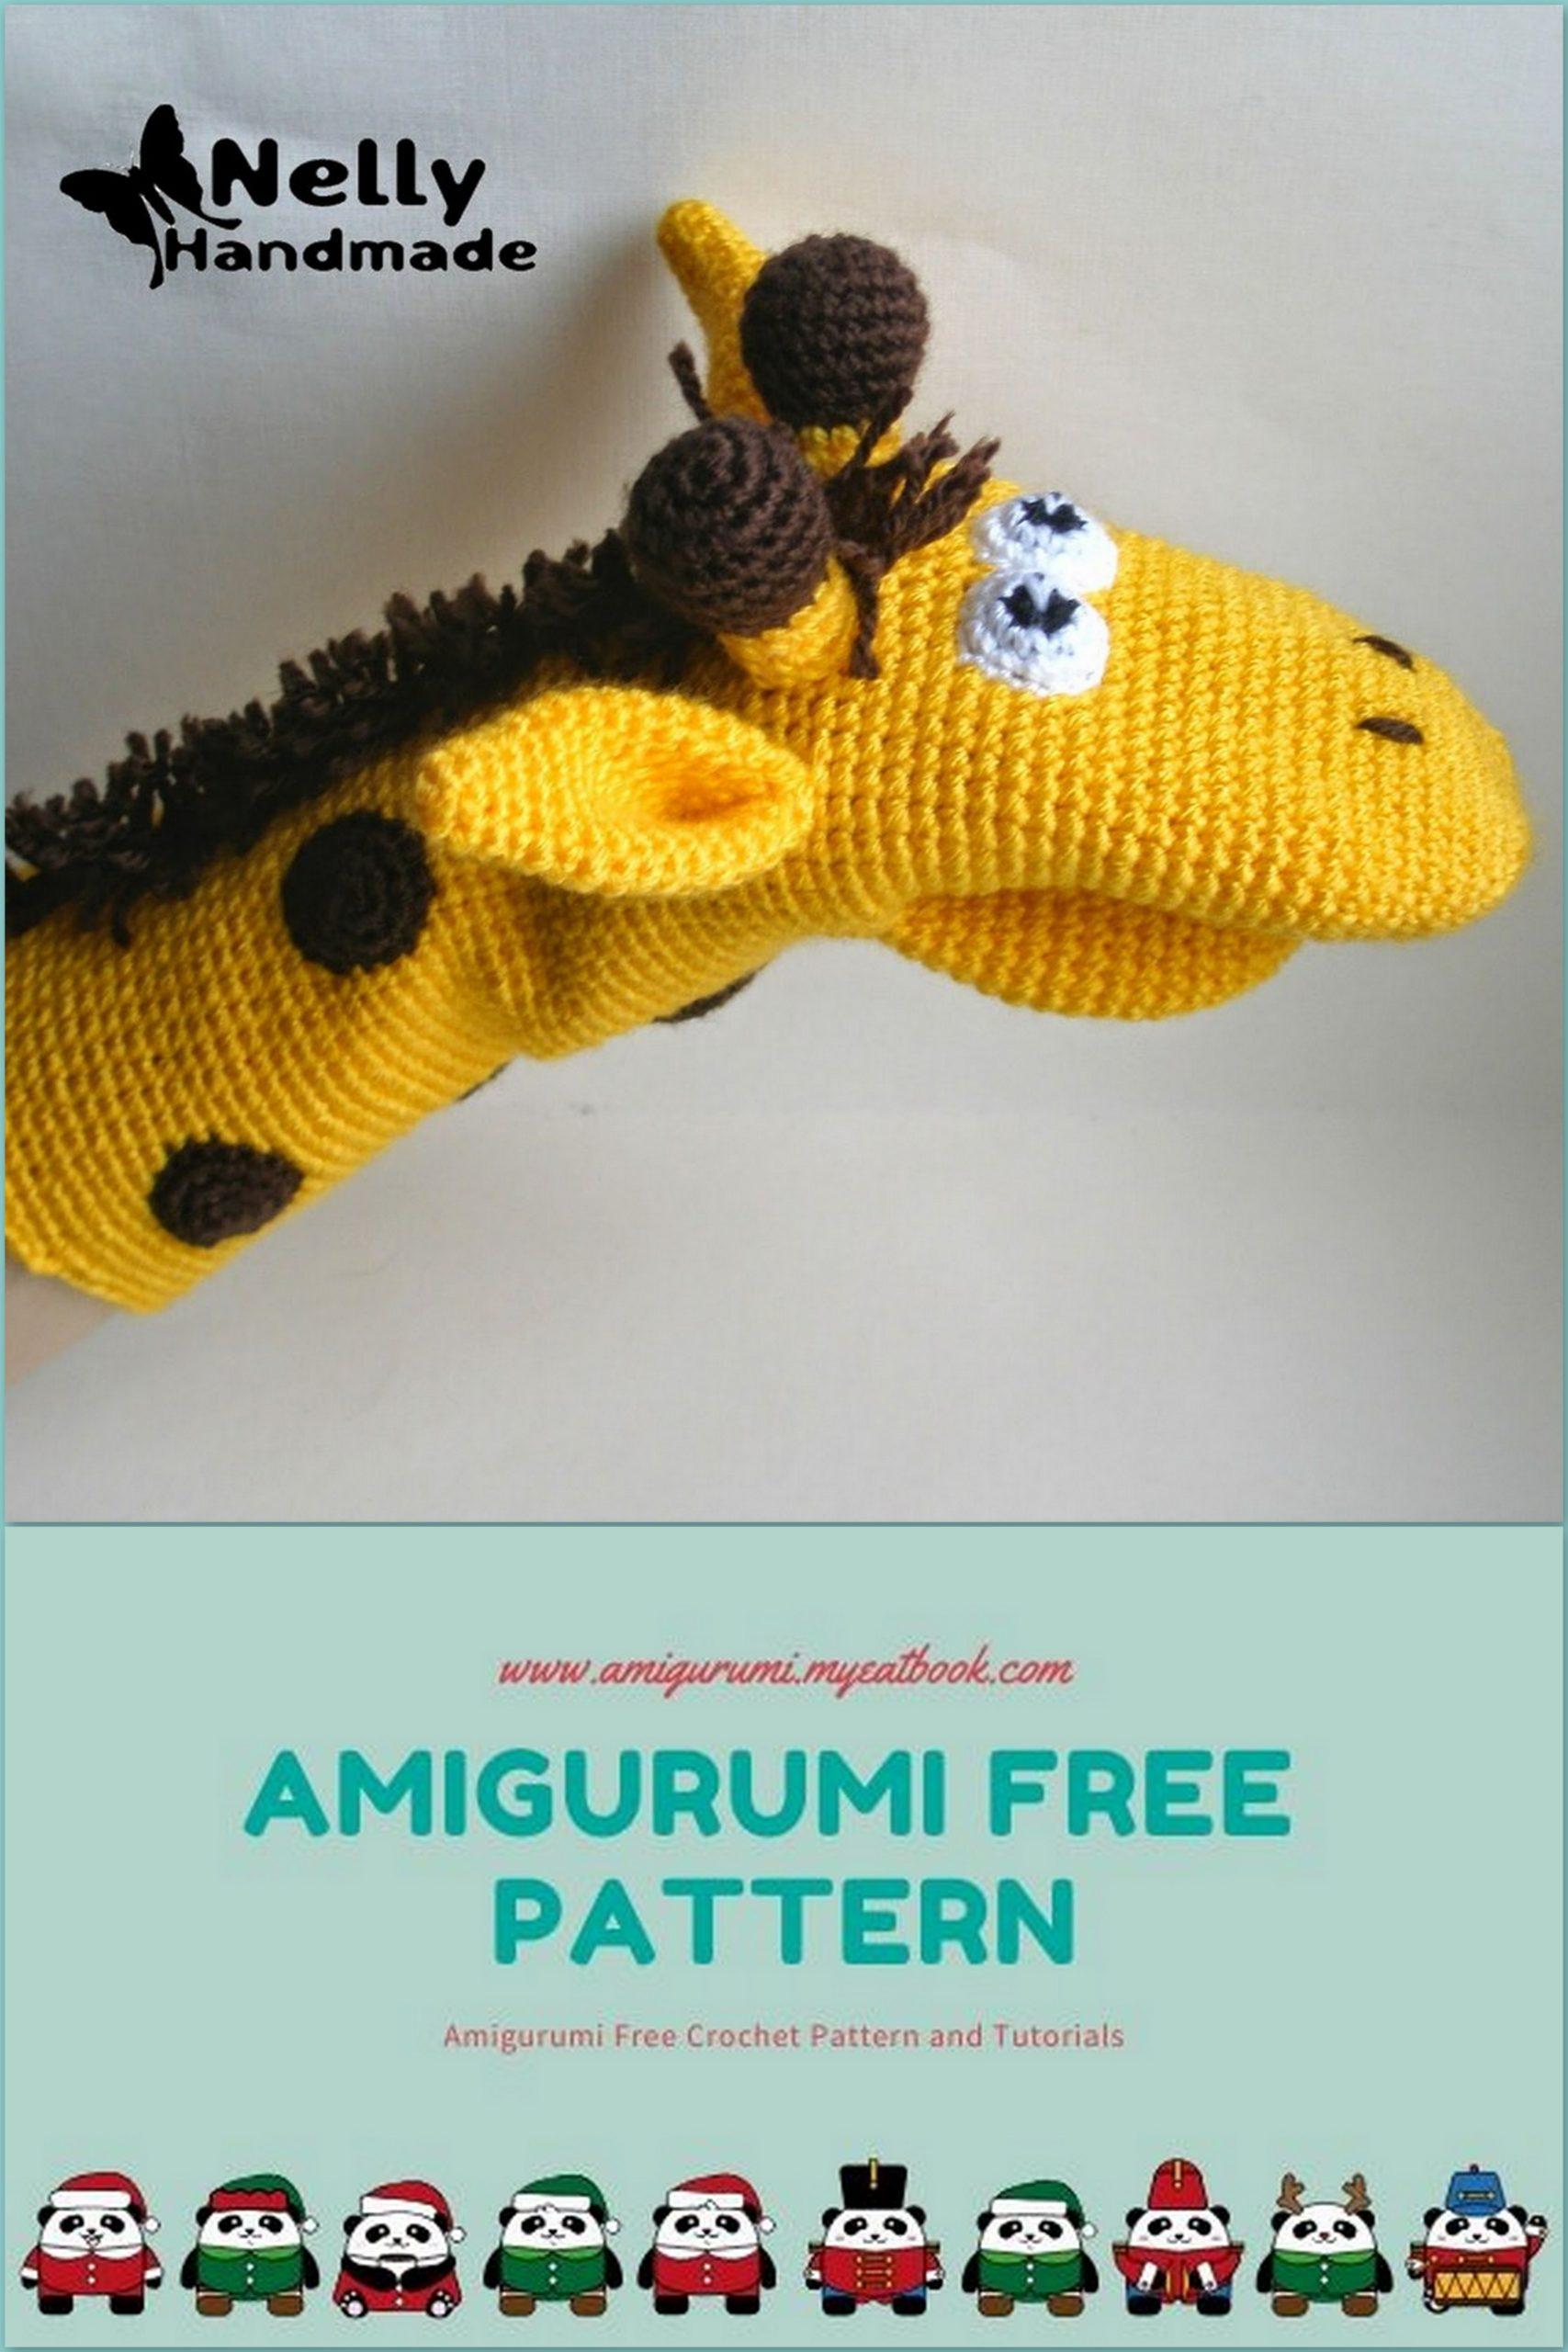 Amigurumi Ducks Girlfriend Scheme Description Free Pattern – Free ... | 2560x1707